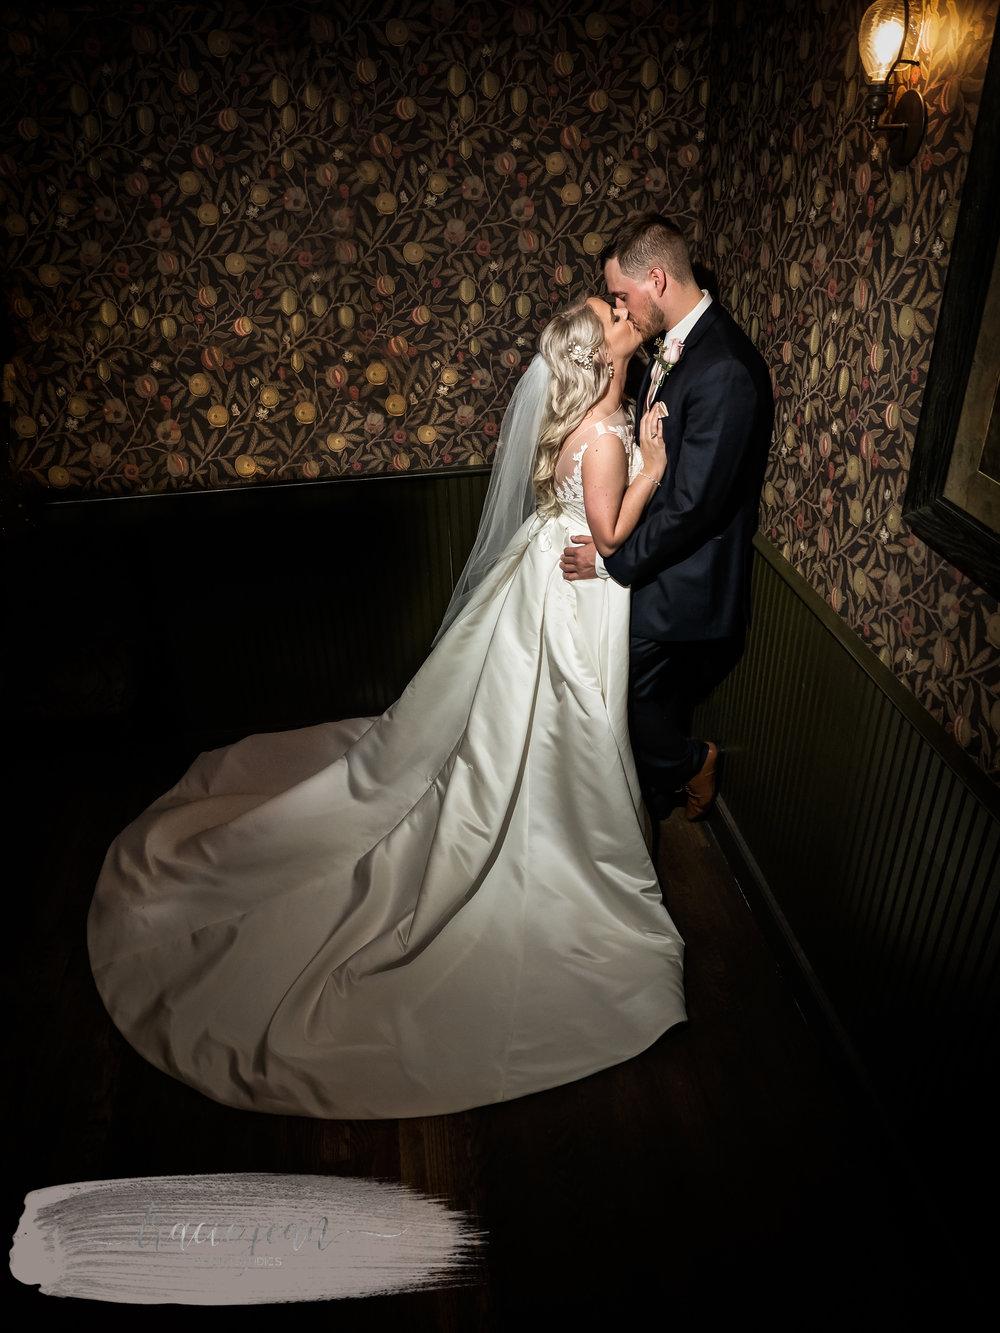 Husband & Wife Kiss